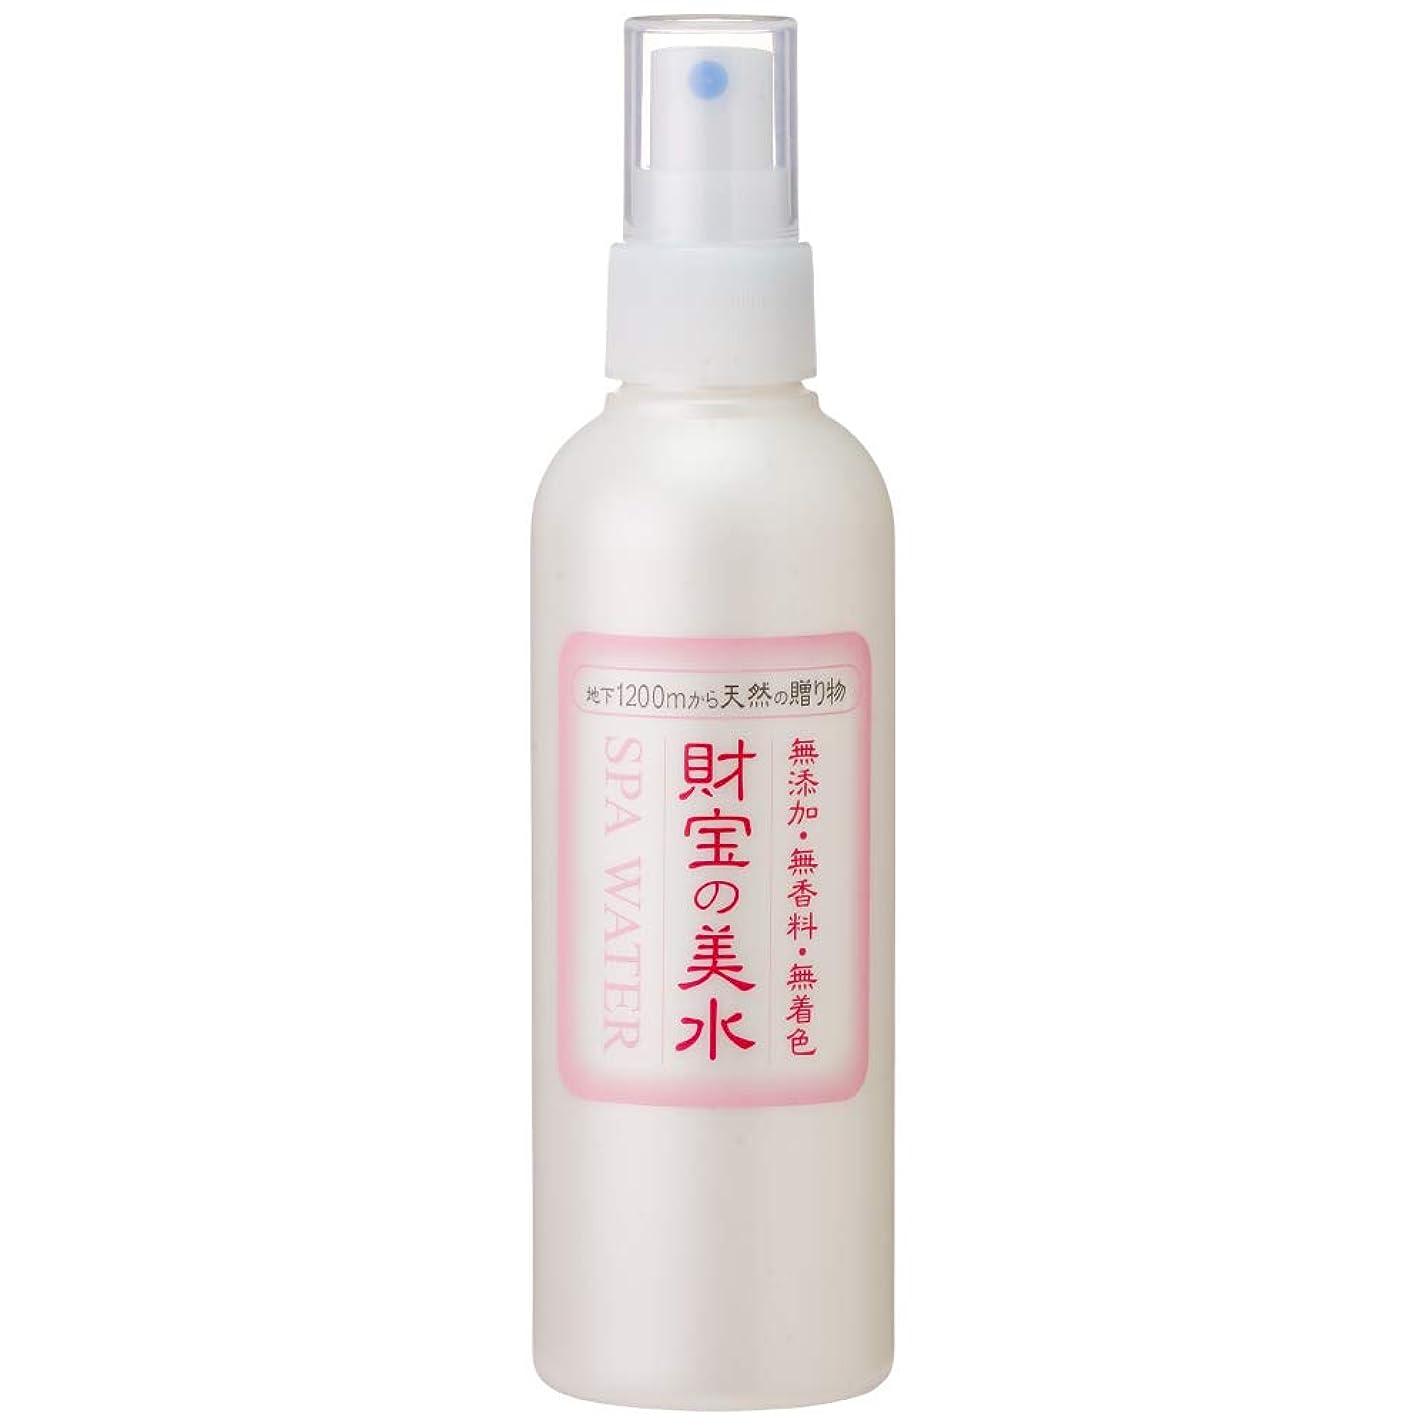 適応する相談する週間財宝 温泉 美水 ミスト 化粧水 200ml